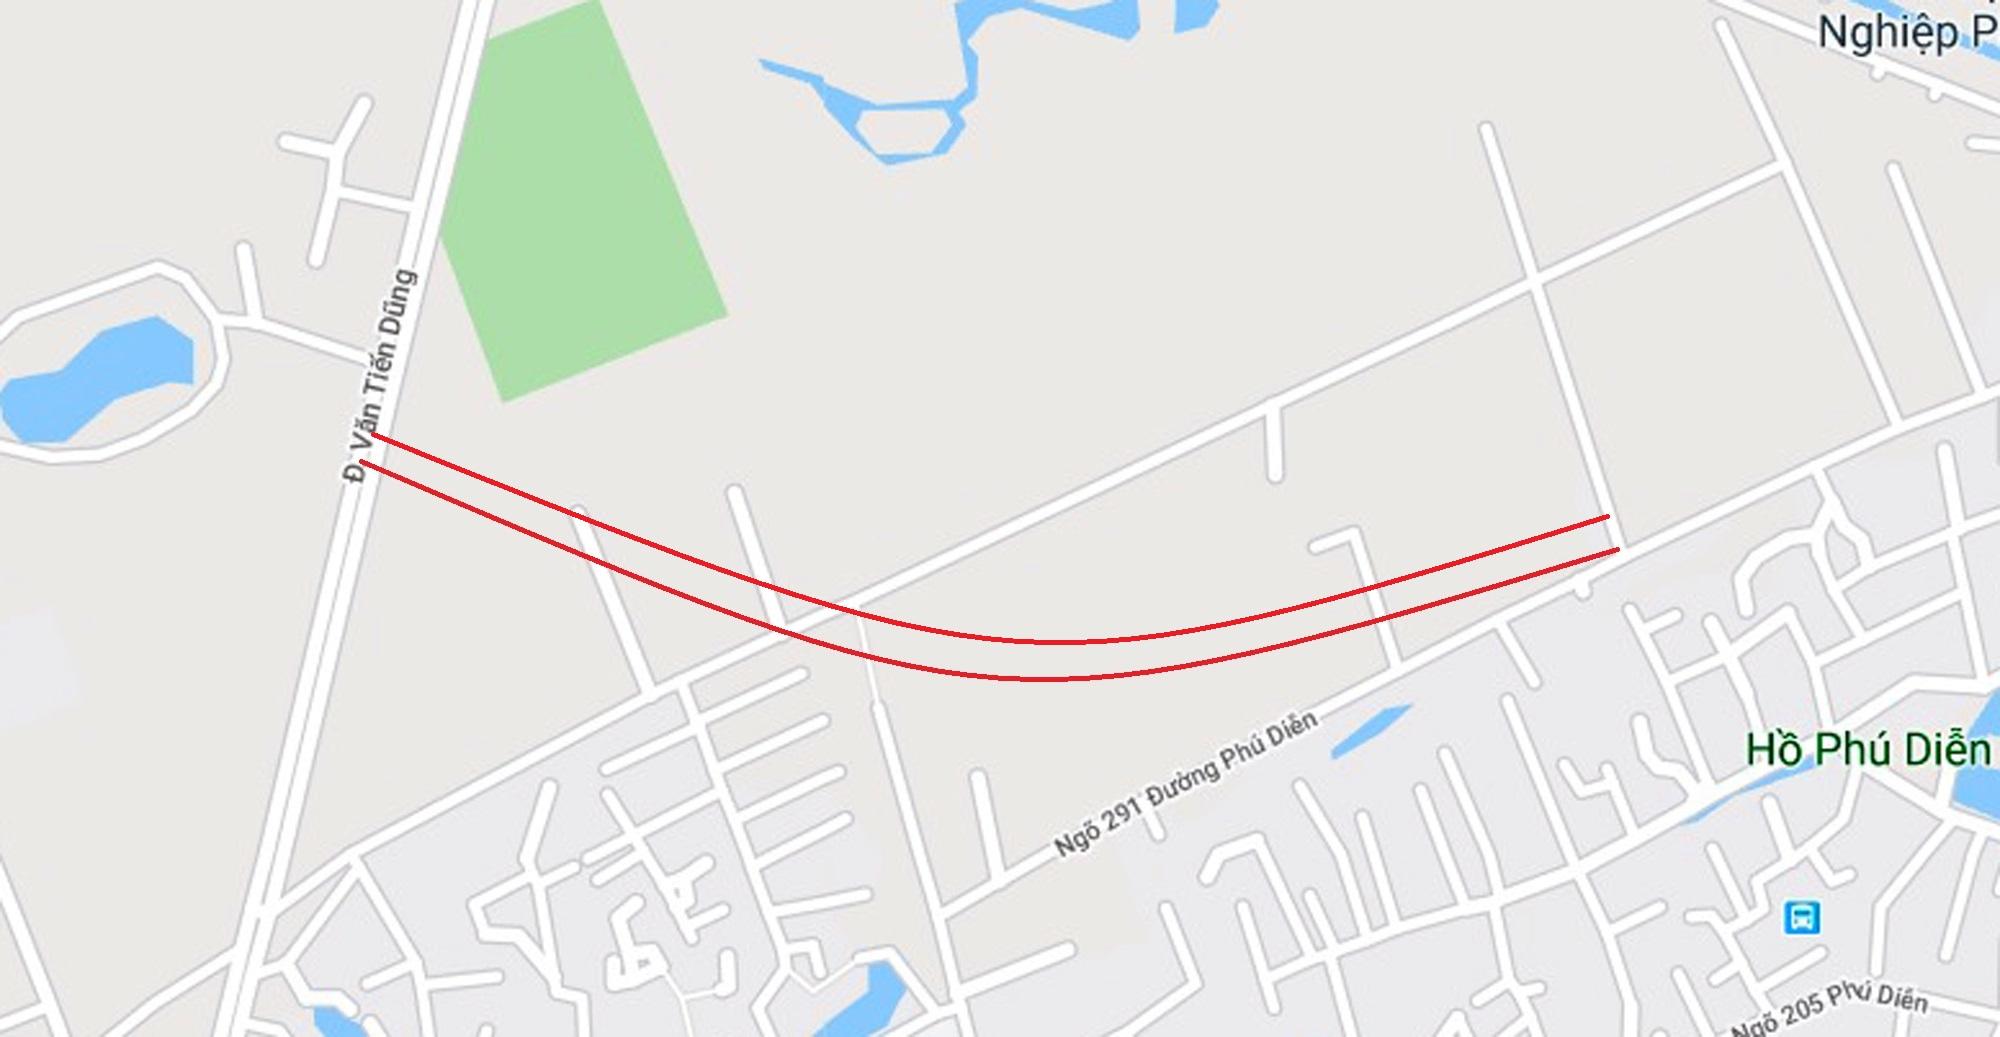 4 đường sẽ mở theo qui hoạch ở phường Phúc Diễn, Bắc Từ Liêm - Ảnh 6.